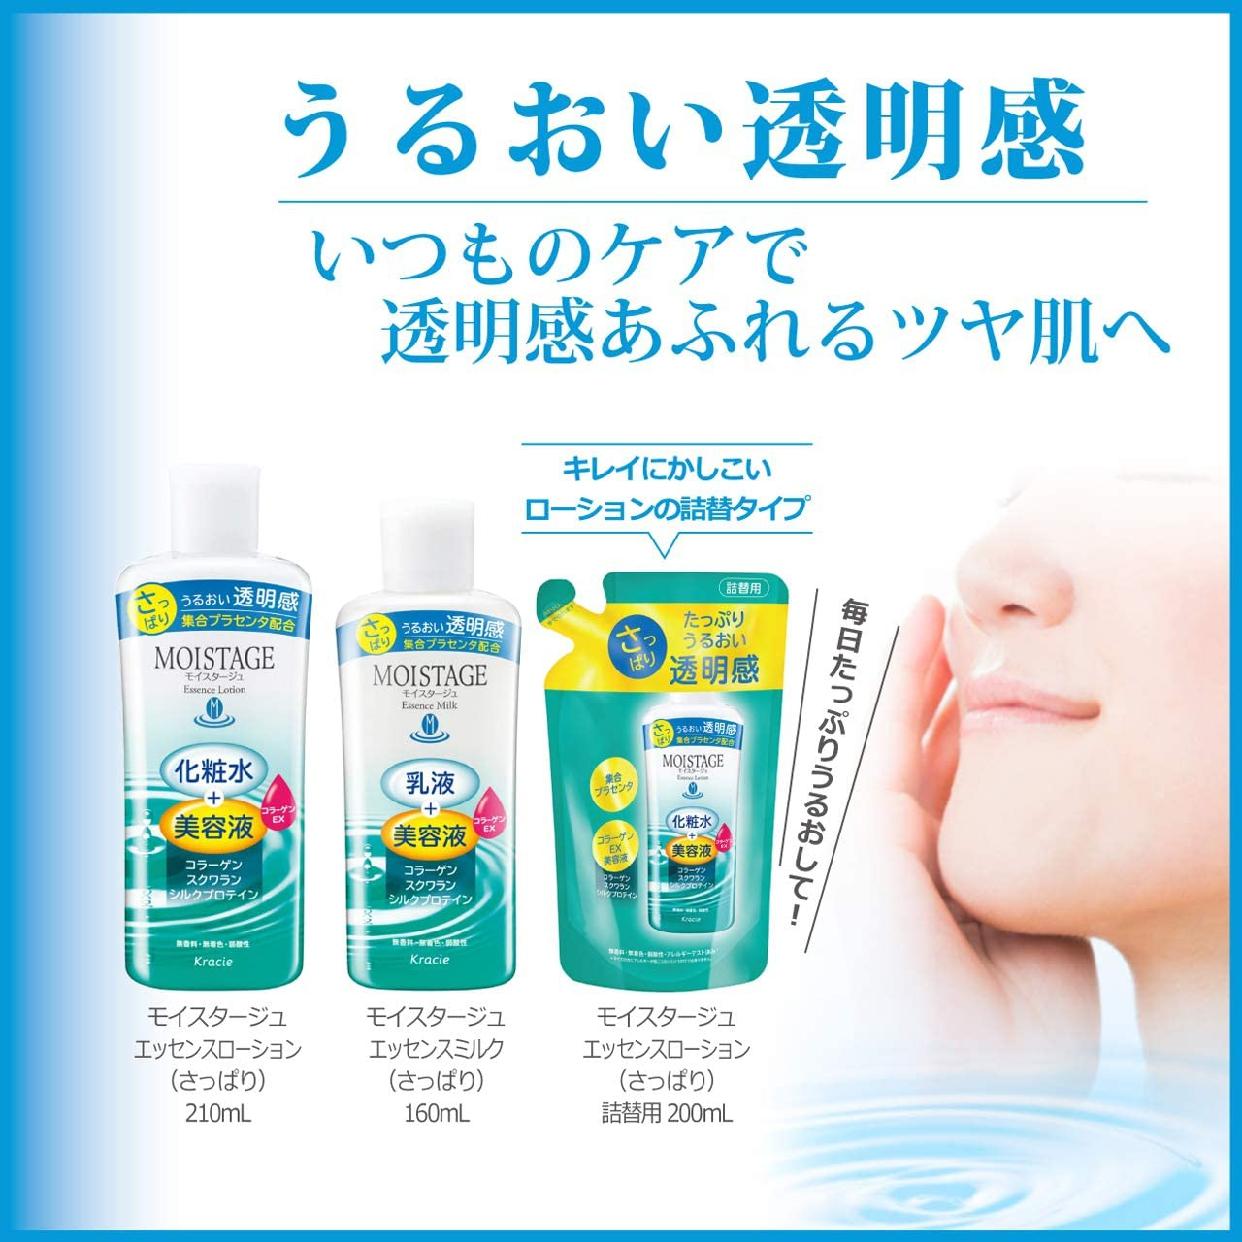 MOISTAGE(モイスタージュ) エッセンスミルク (さっぱり)の商品画像4